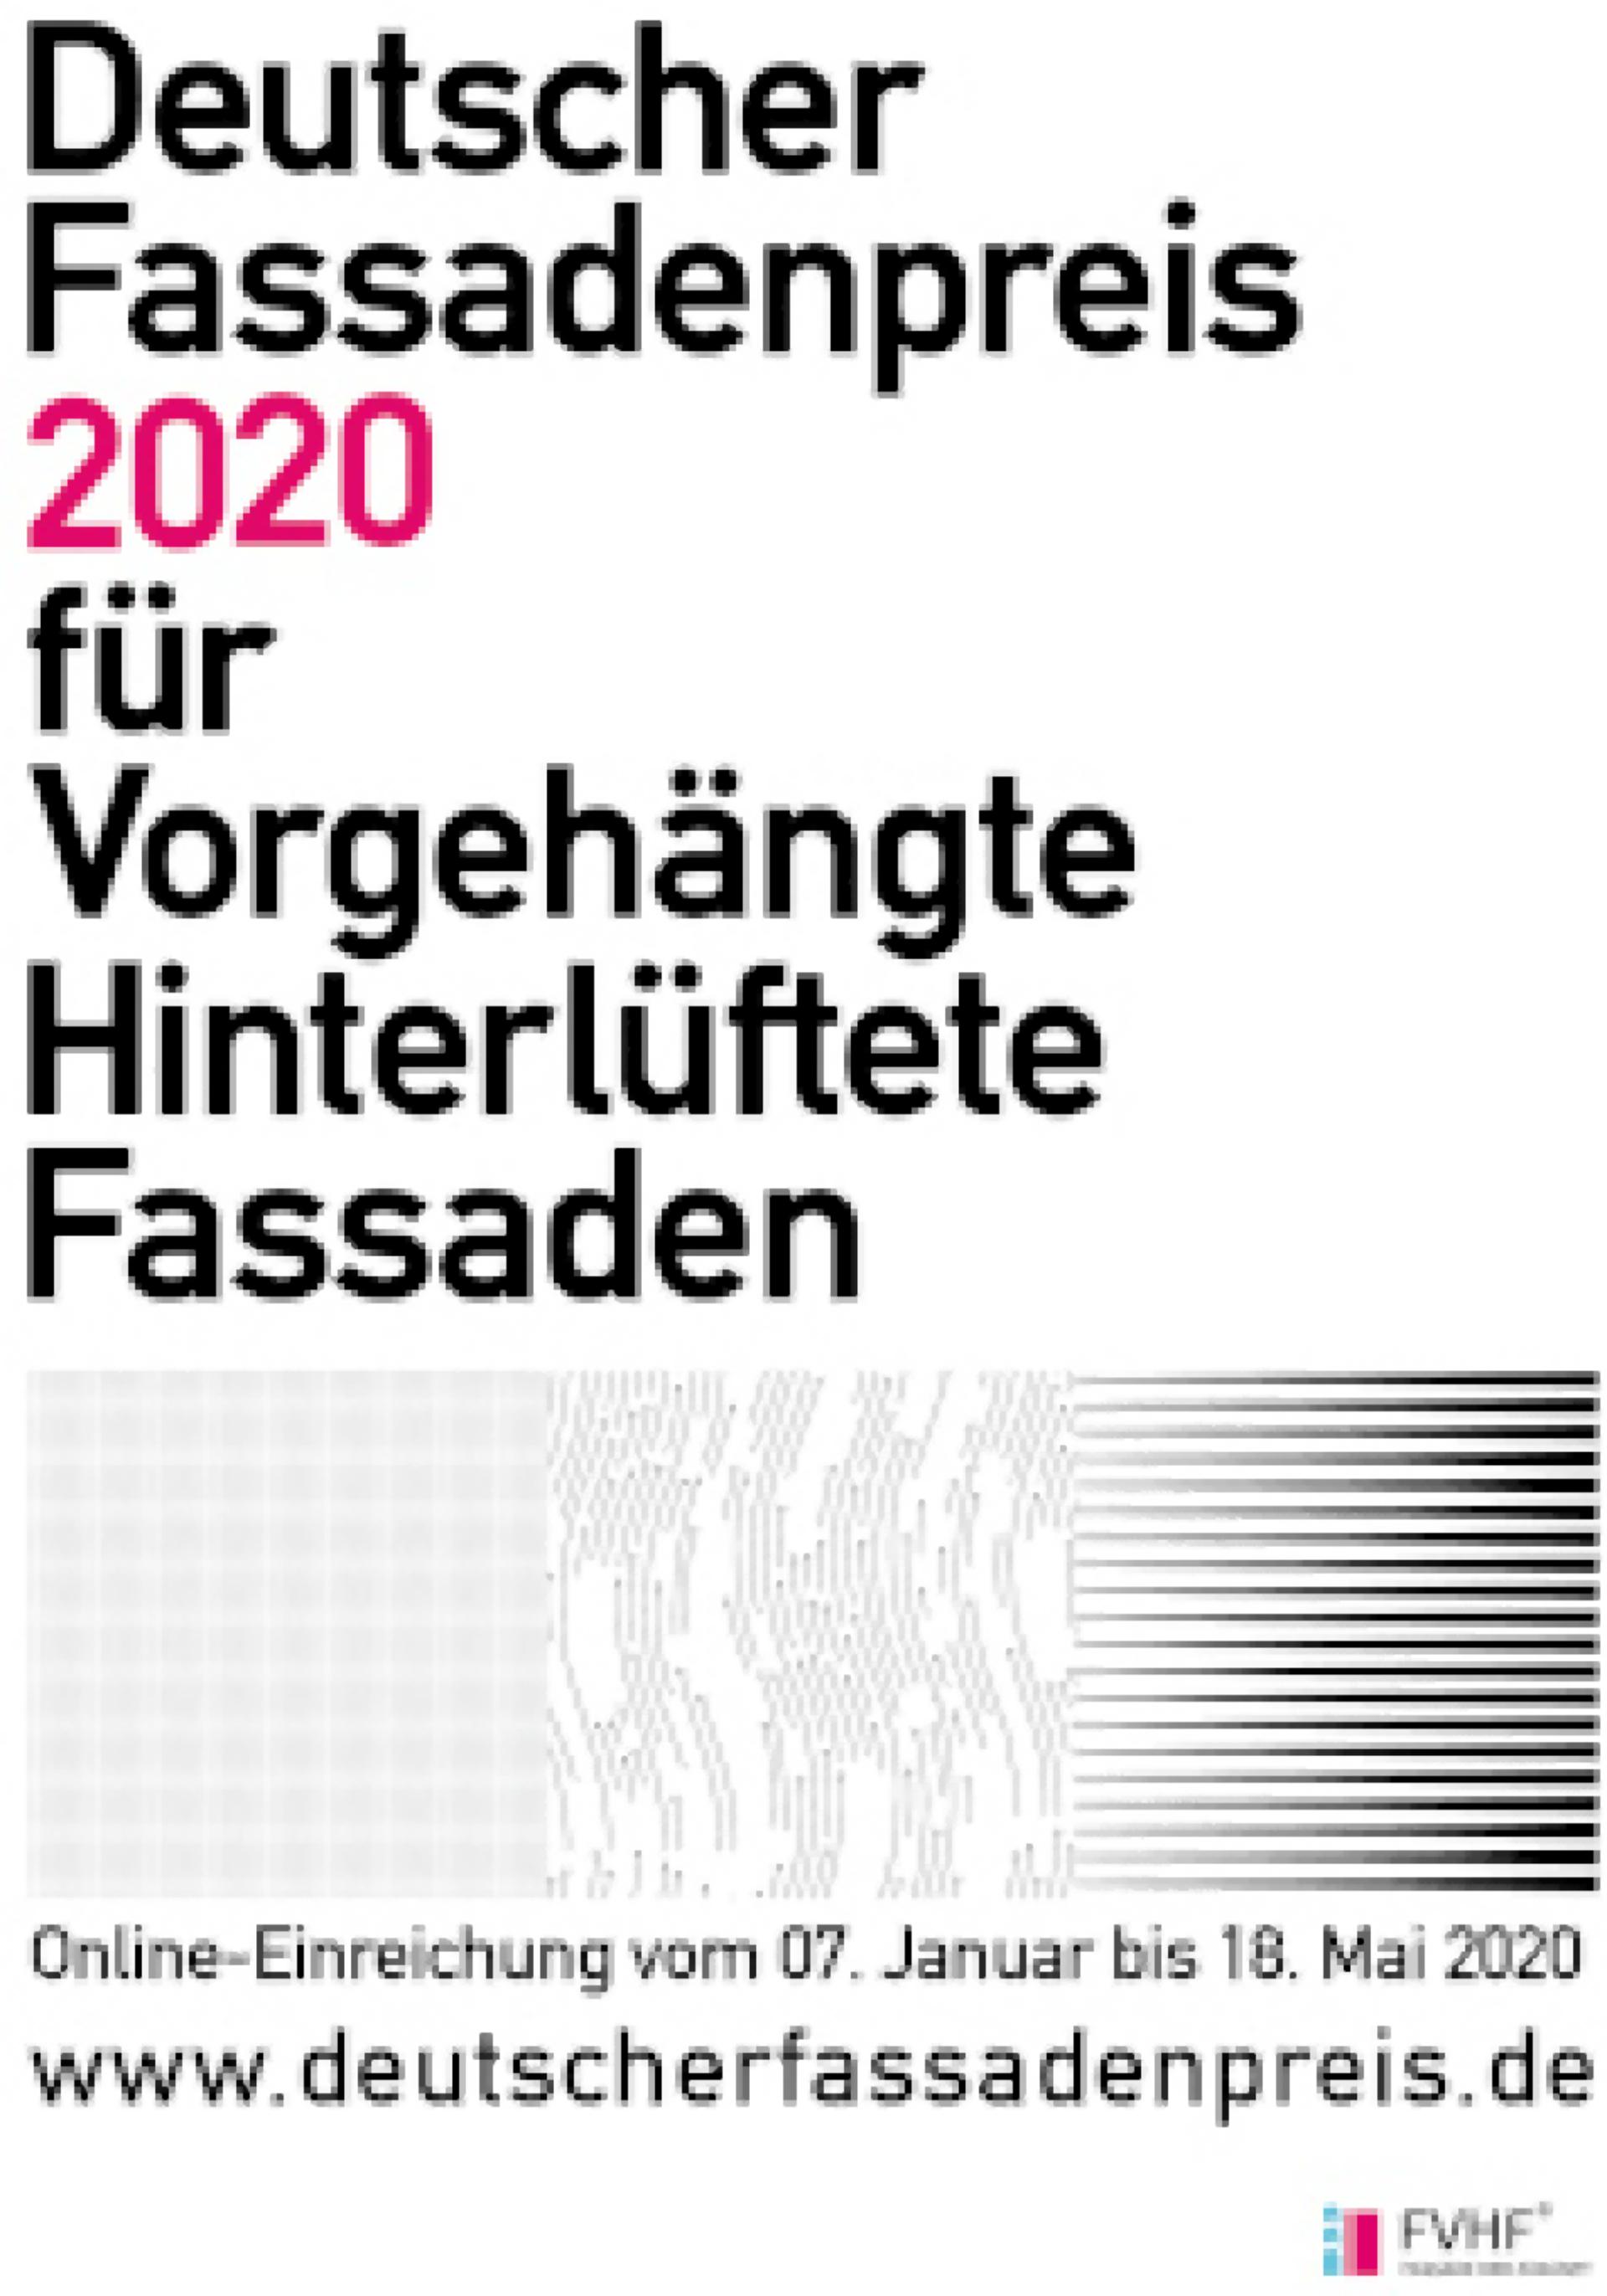 """Recyclinghaus am Kronsberg mit Sonderpreis """"Deutscher FassadenPreis 2020"""" vom Fachverband Baustoffe und Bauteile prämiert"""